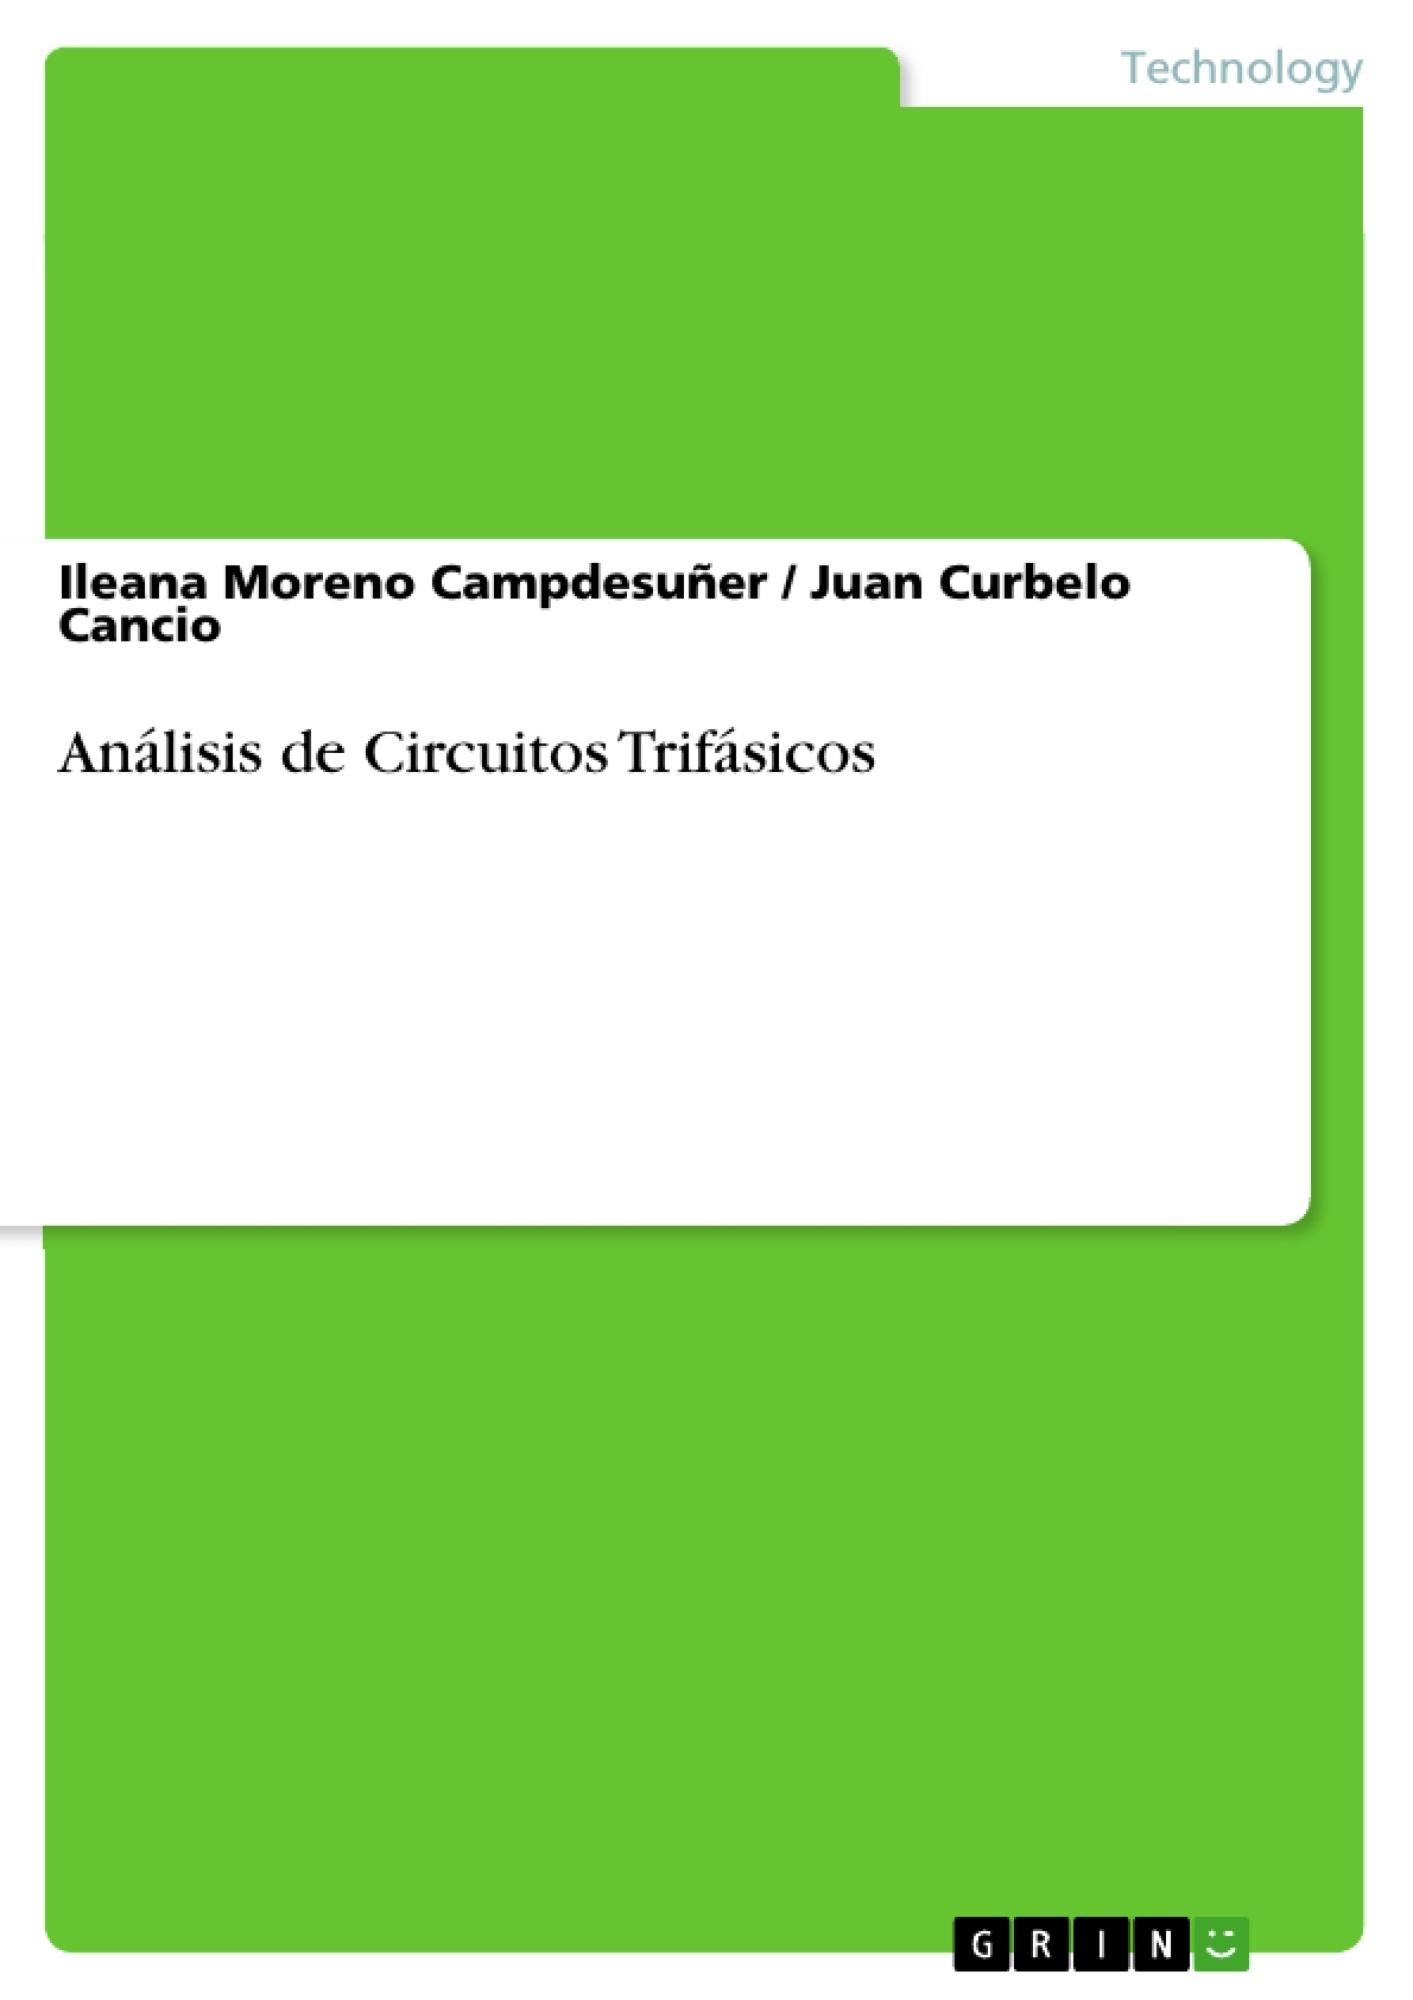 Título: Análisis de Circuitos Trifásicos